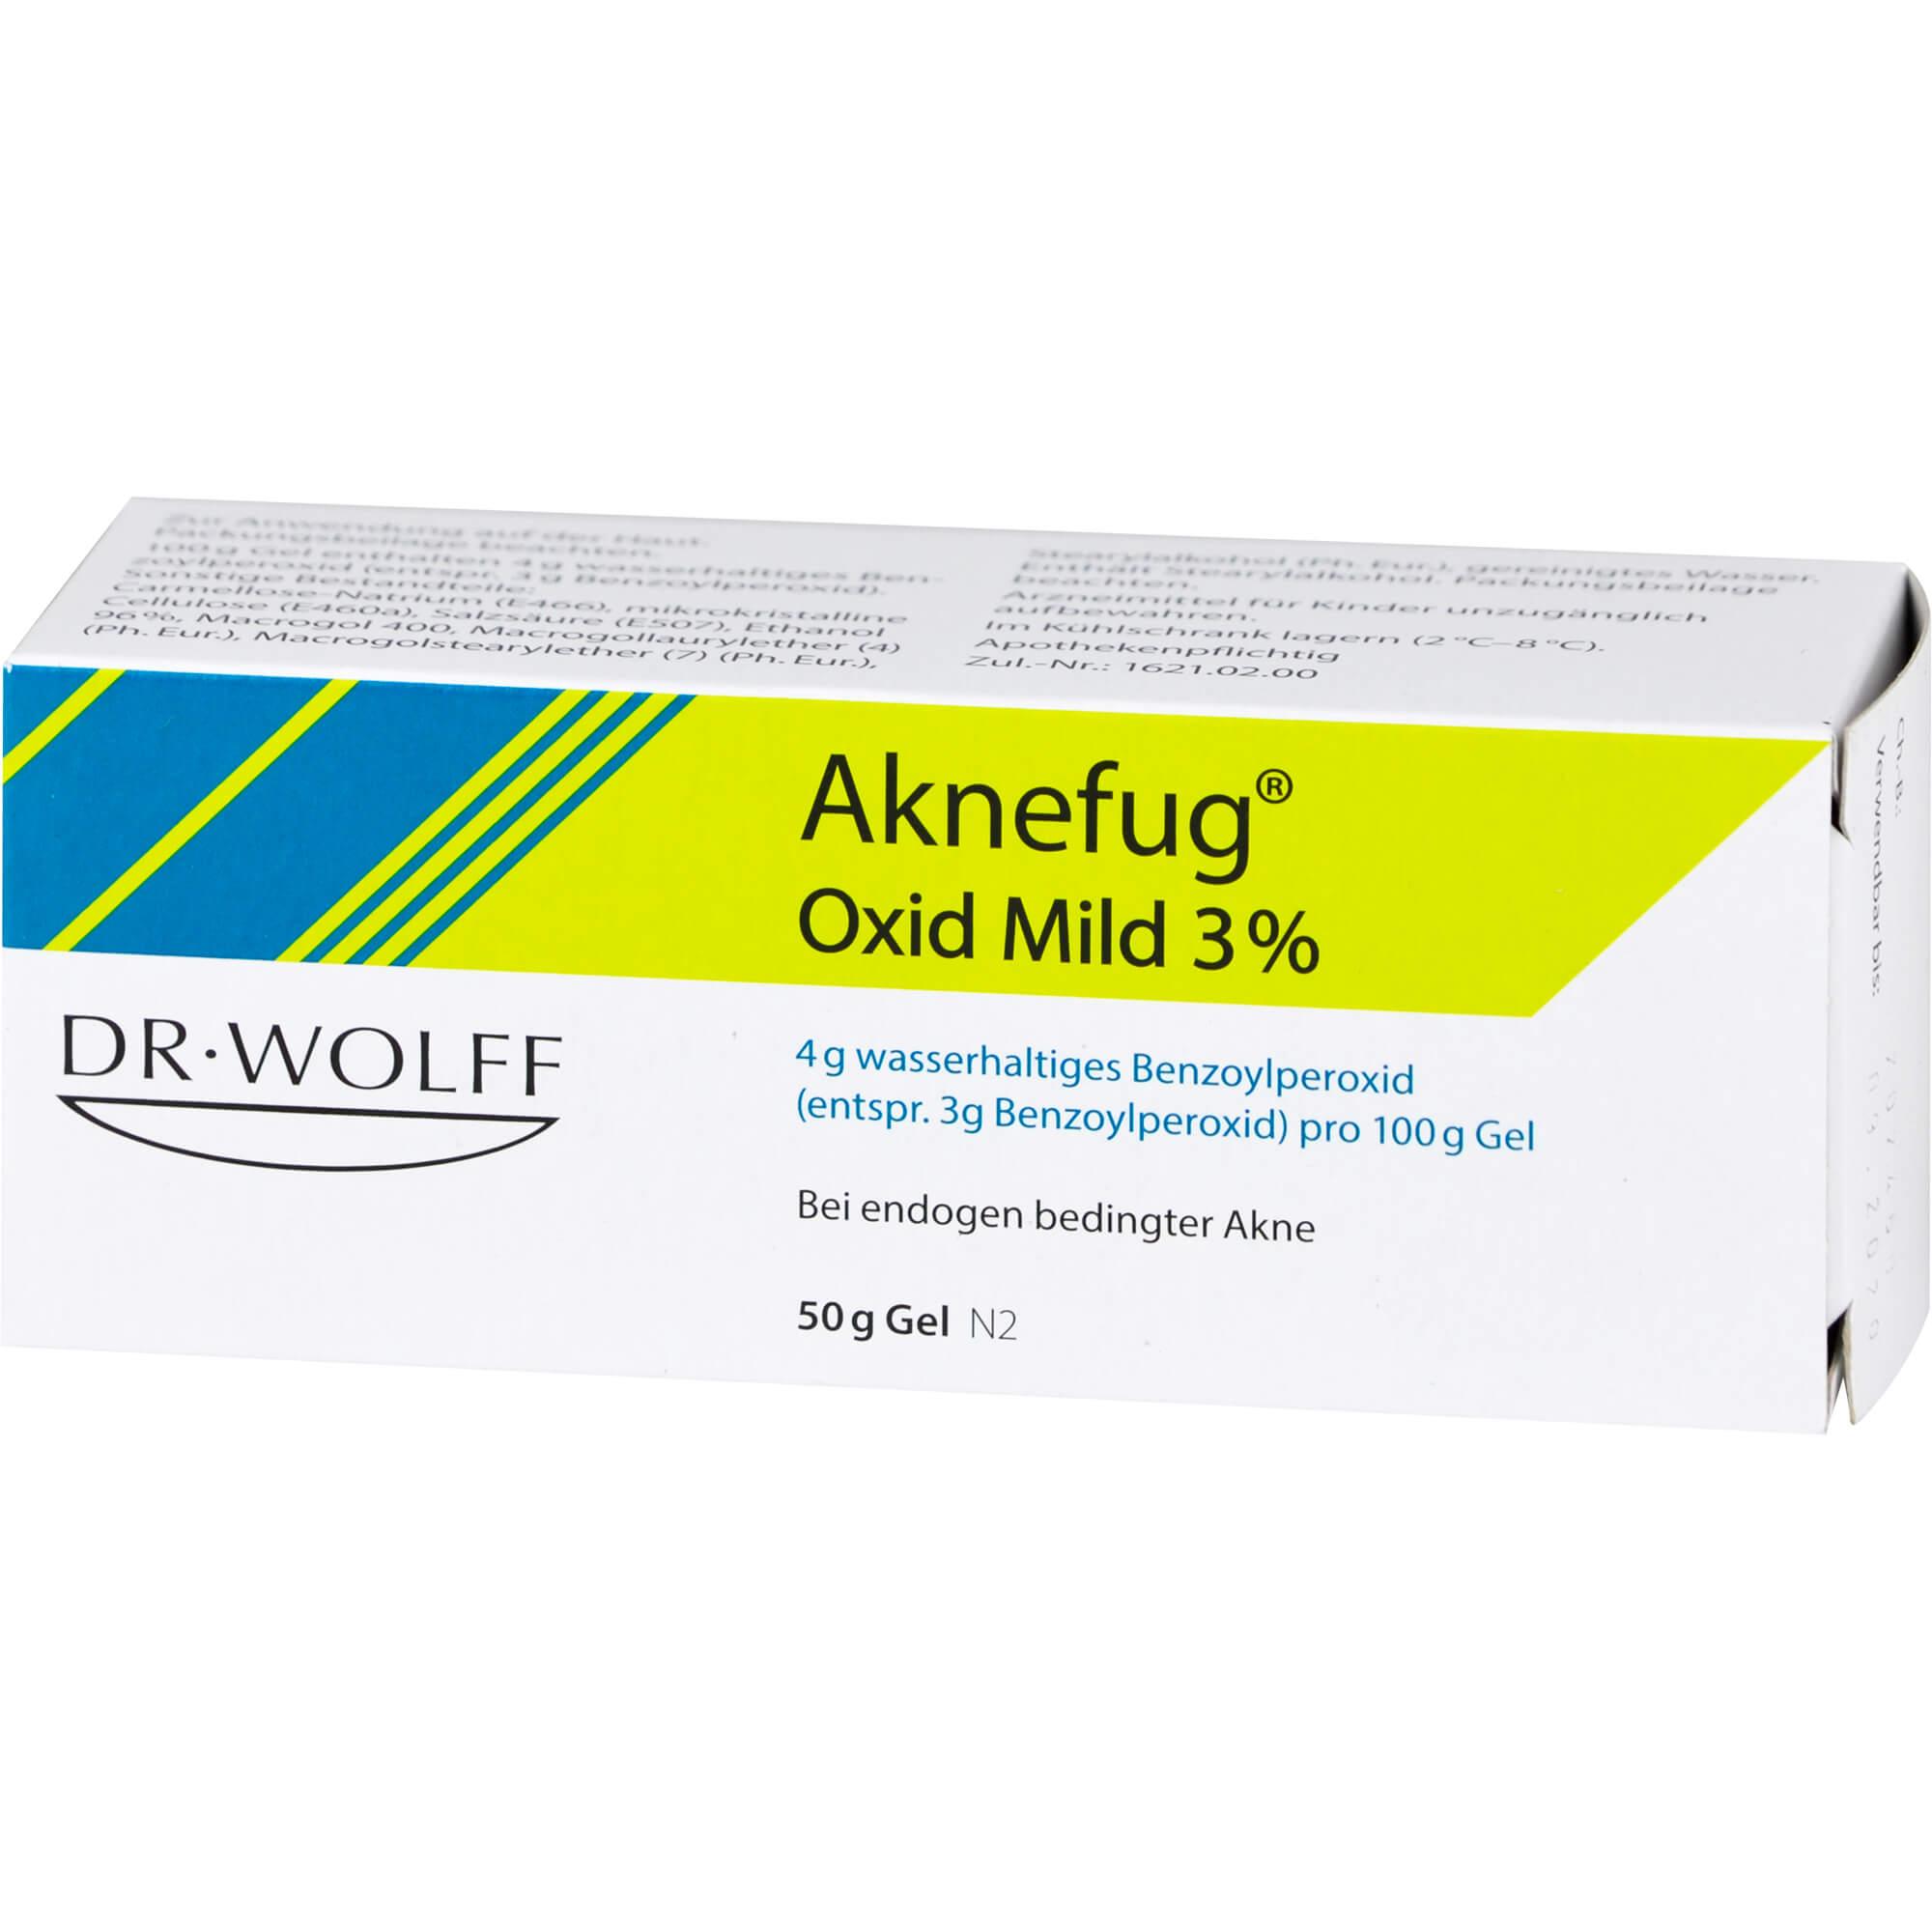 AKNEFUG-OXID MILD 3%